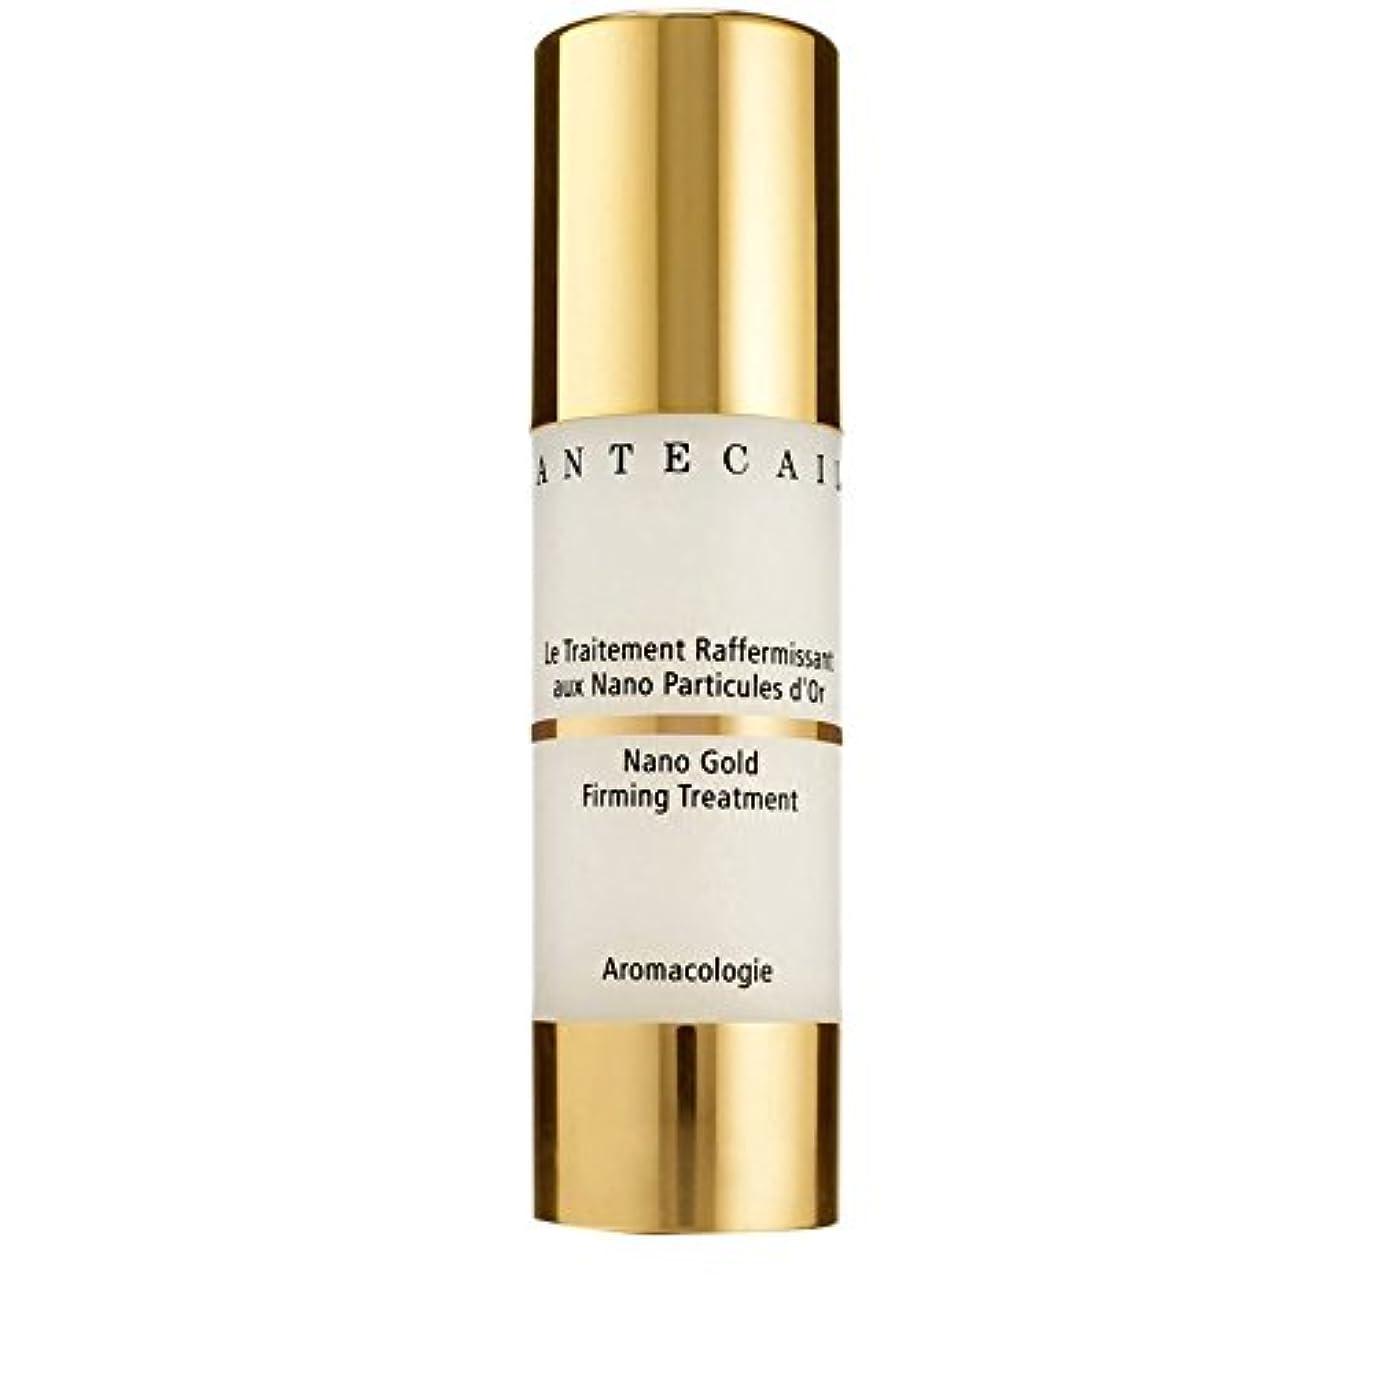 普遍的な冷酷なペネロペシャンテカイユナノ金の引き締め治療、シャンテカイユ x2 - Chantecaille Nano Gold Firming Treatment, Chantecaille (Pack of 2) [並行輸入品]